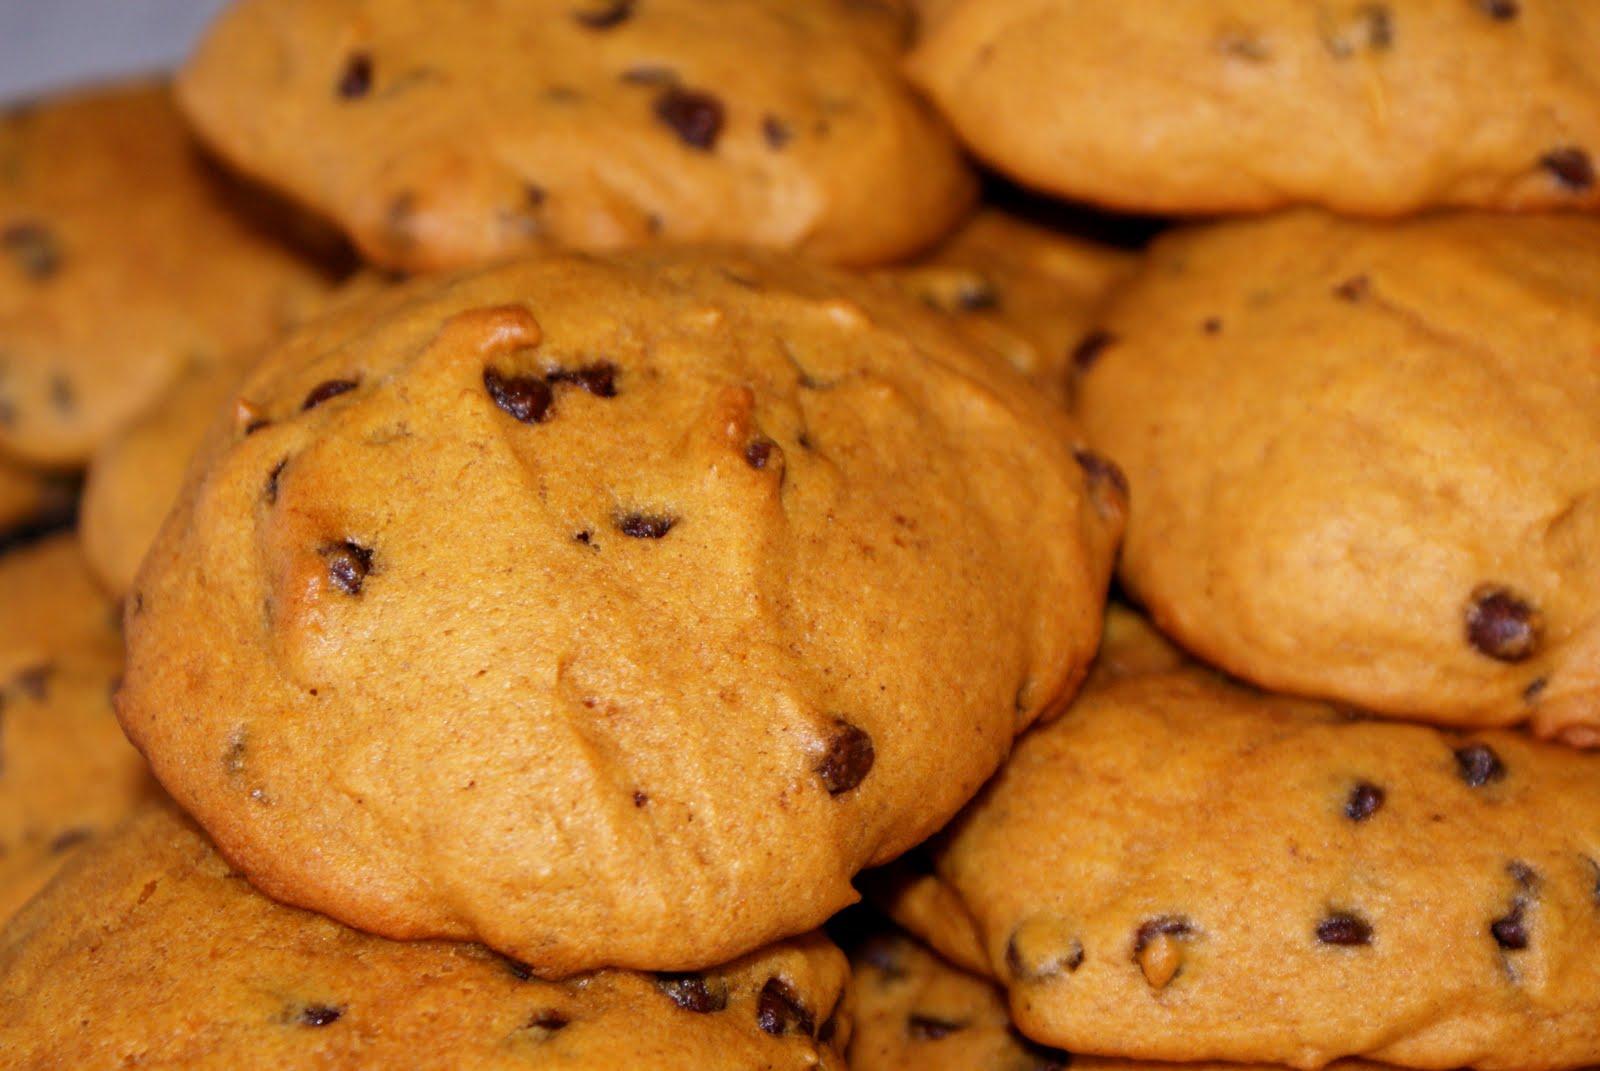 Little Bit of Home: Weight Watchers Pumpkin Chocolate Chip Cookies